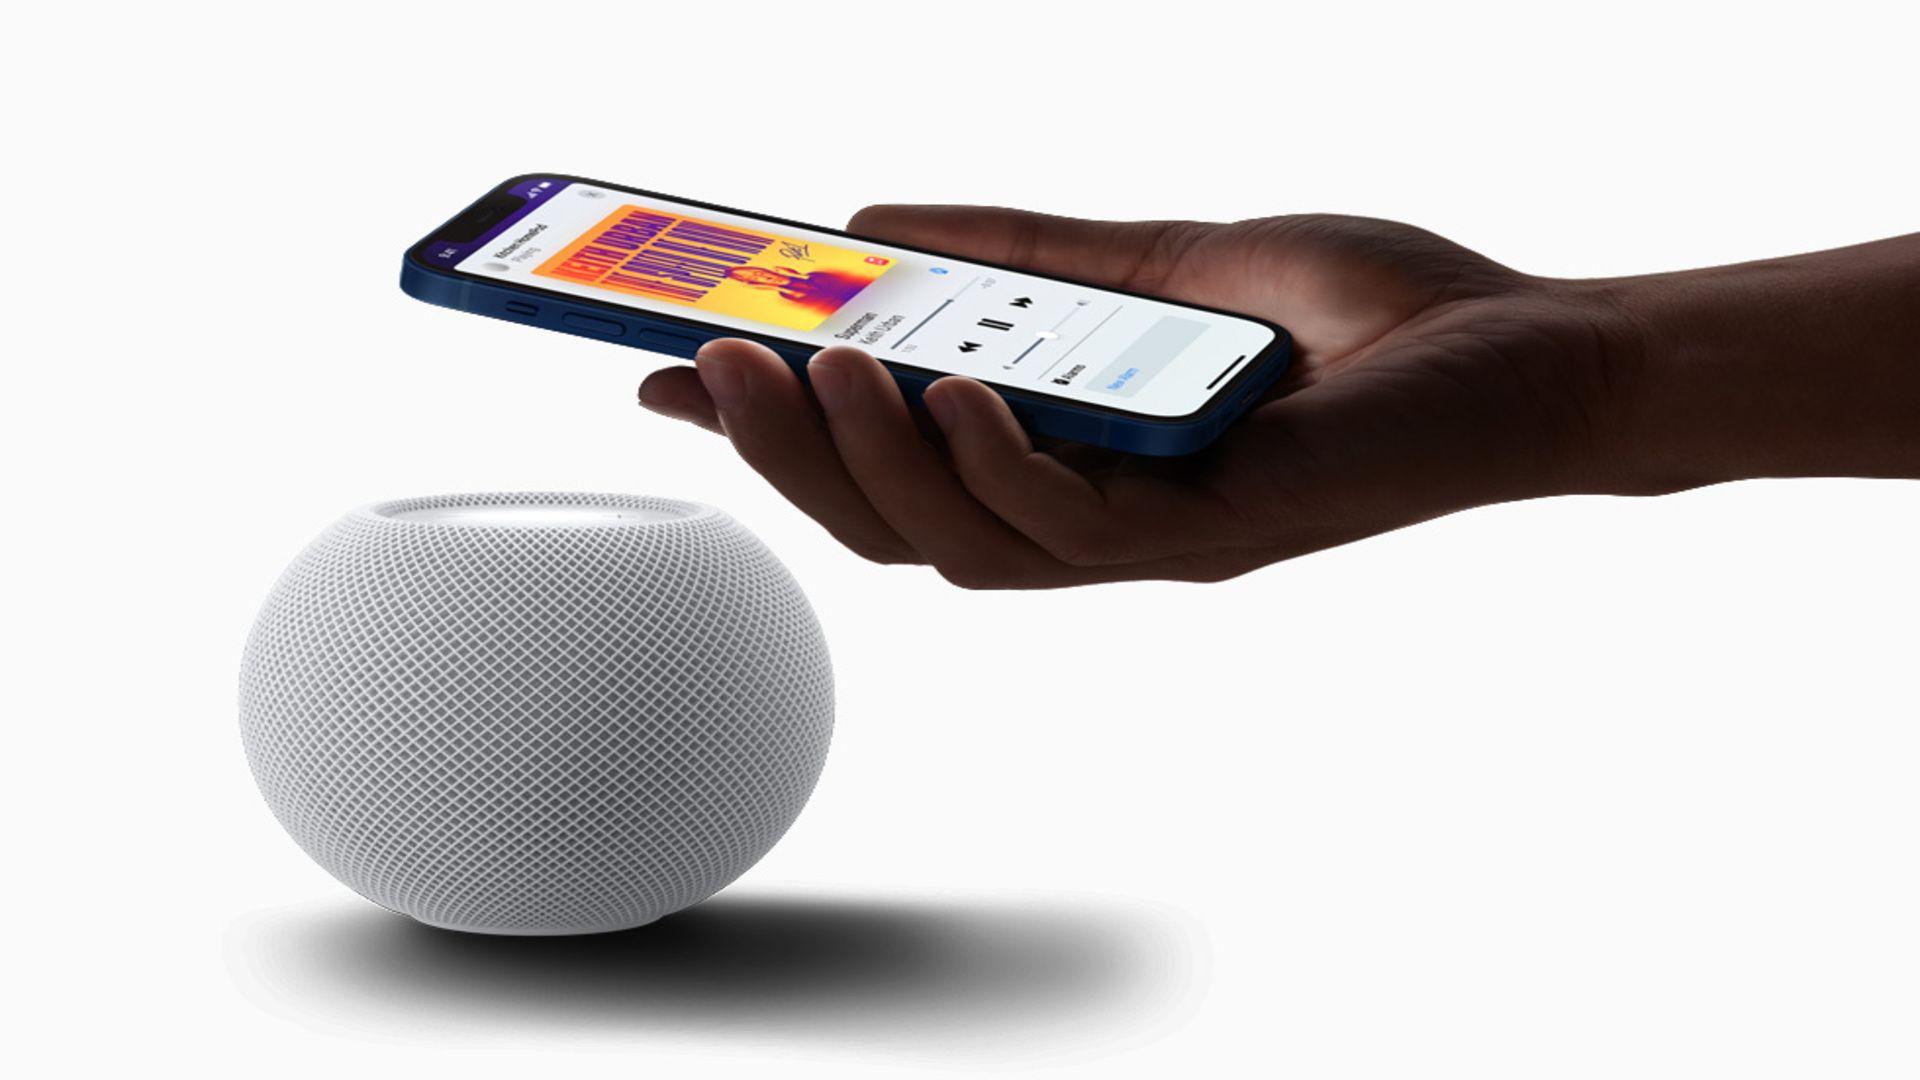 Ao aproximar o celular da caixa de som, a música pode ser reproduzida no gadget instantaneamente.(Imagem: Reprodução/Apple)